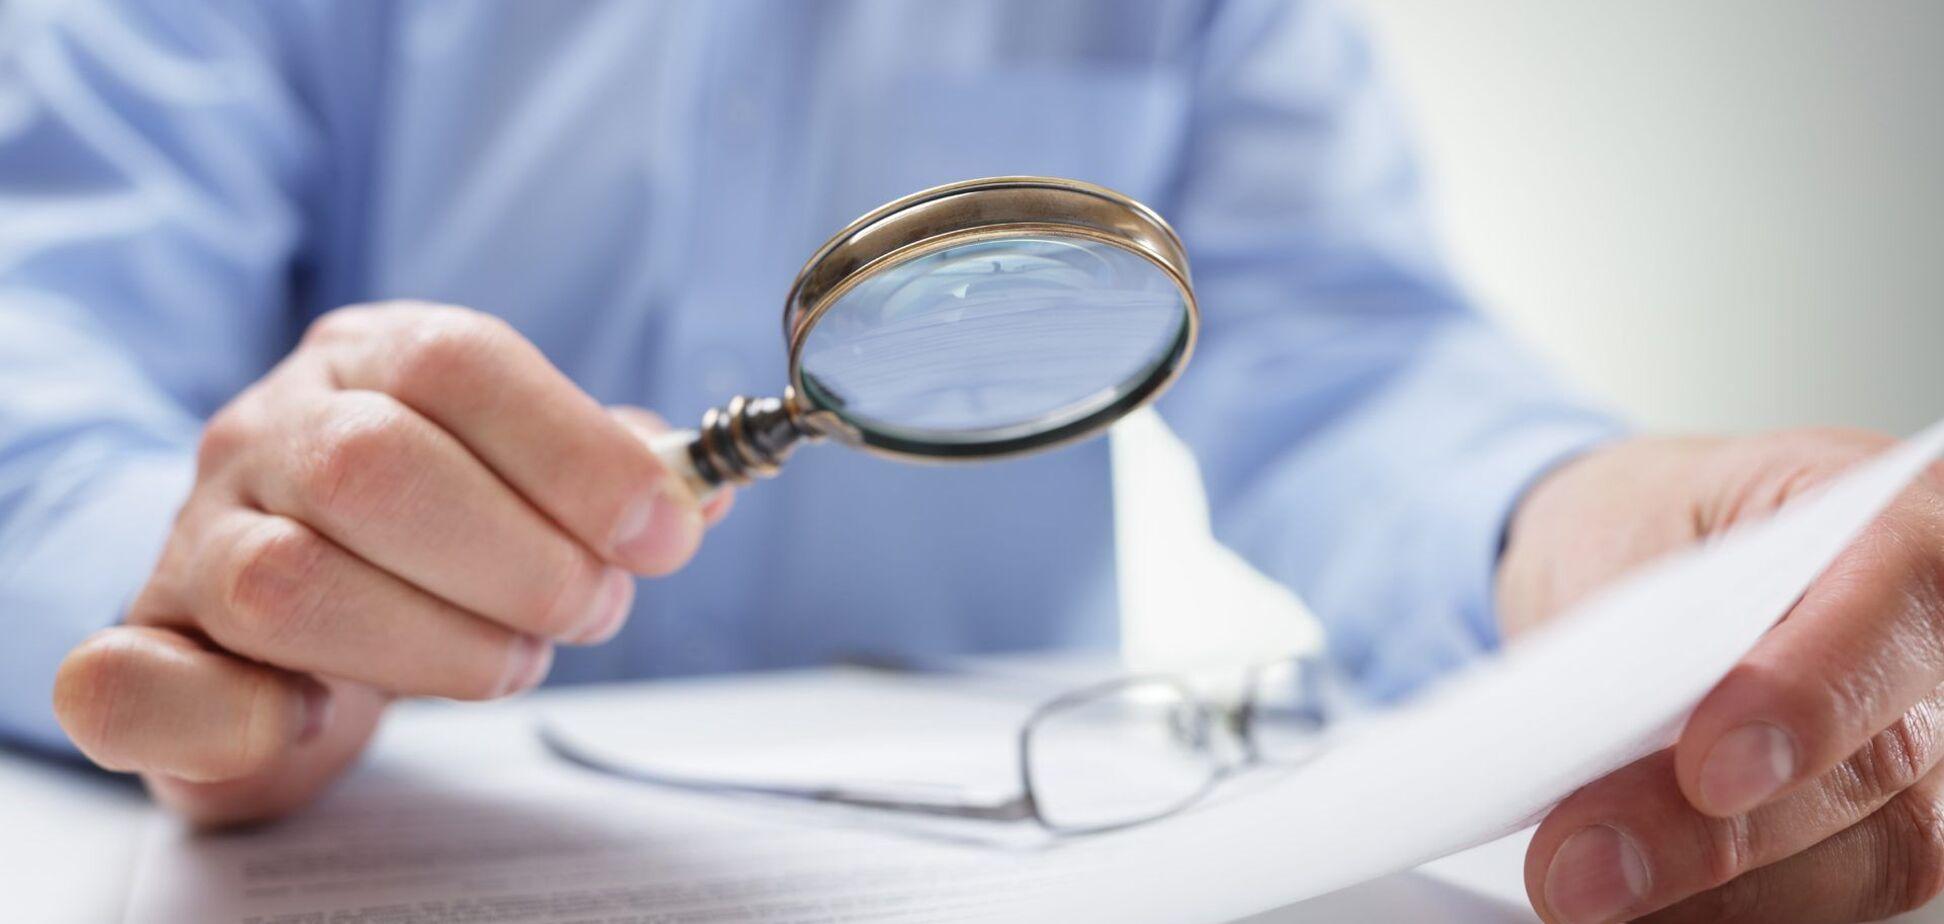 Работодатели должны будут перечислять НДФЛ по месту налоговой регистрации